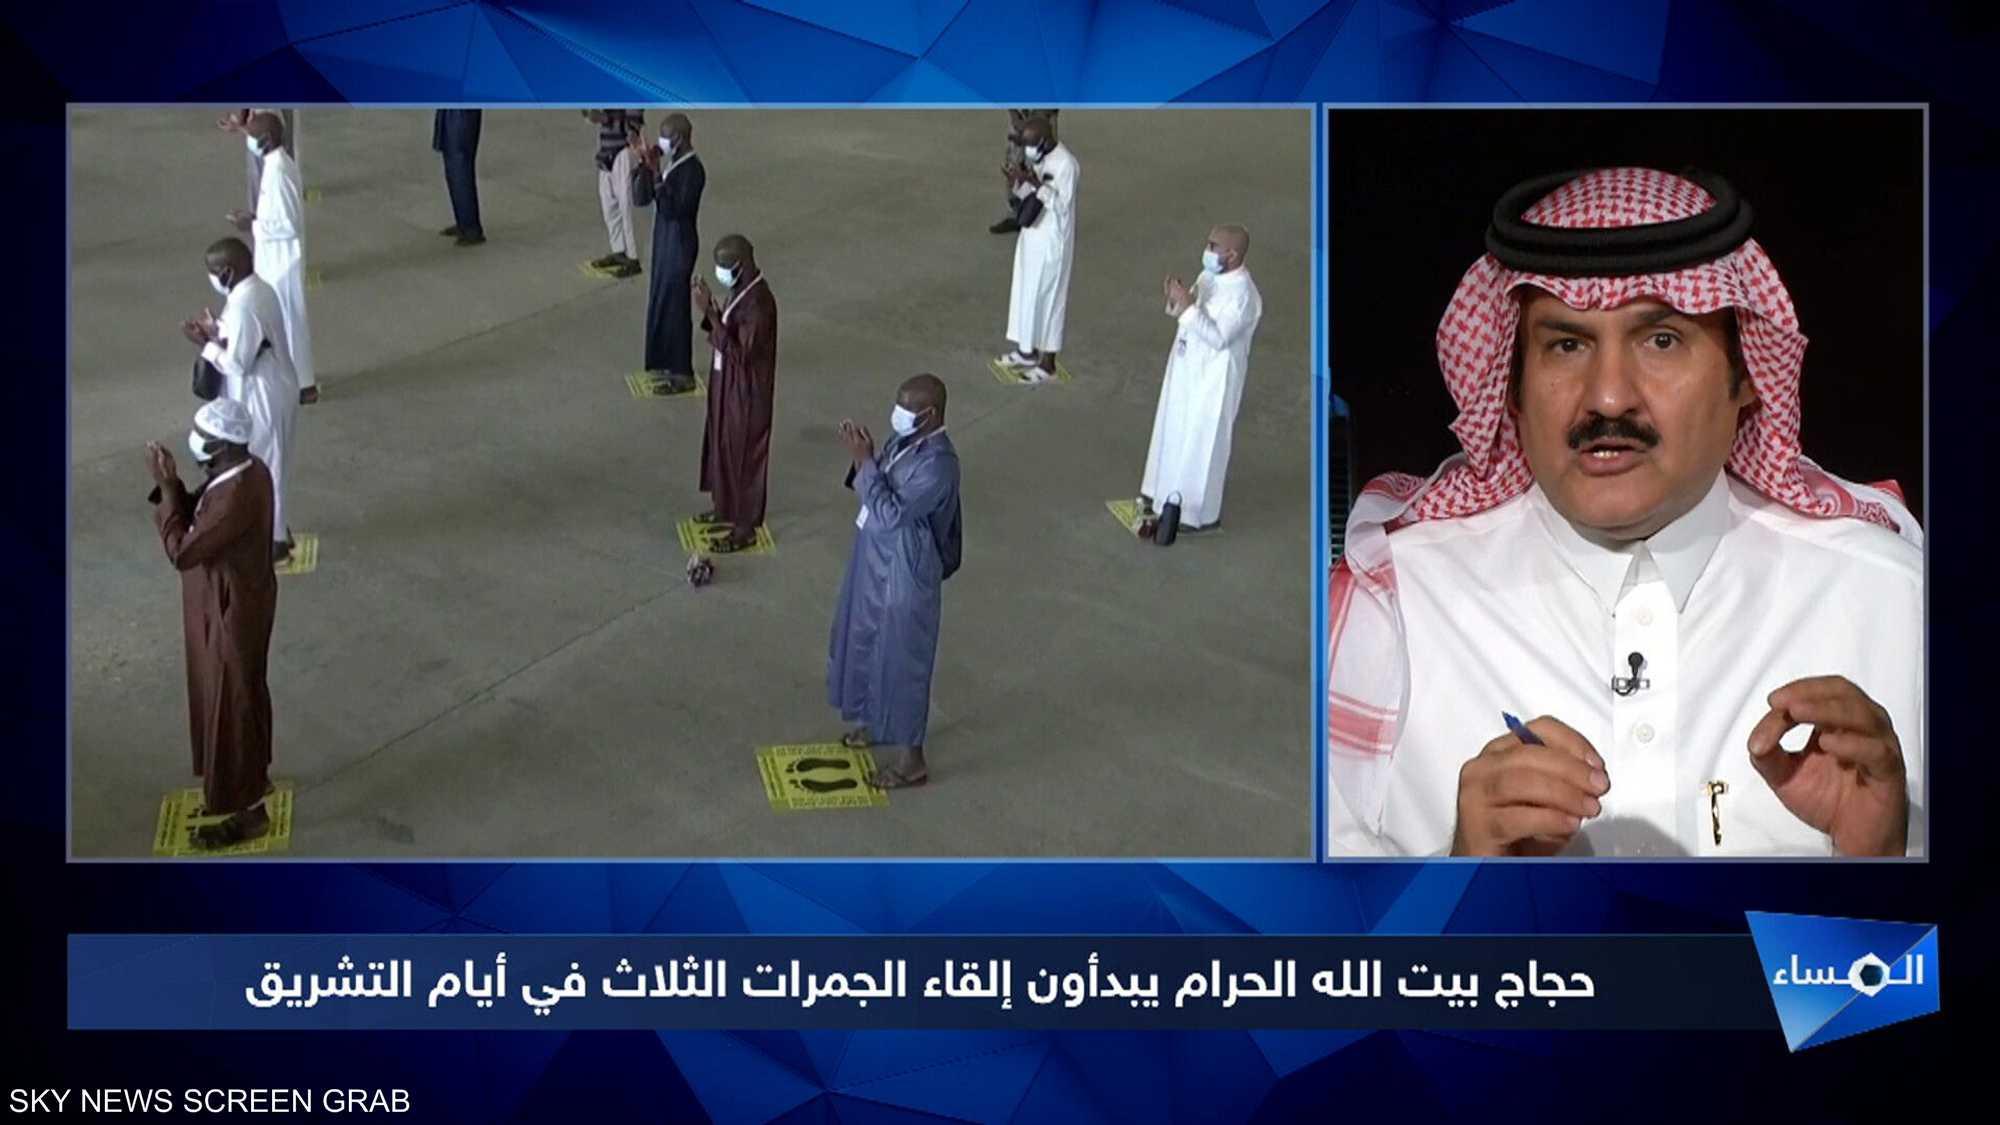 وزارة الصحة السعودية: الحالة الصحية للحجاج مطمئنة